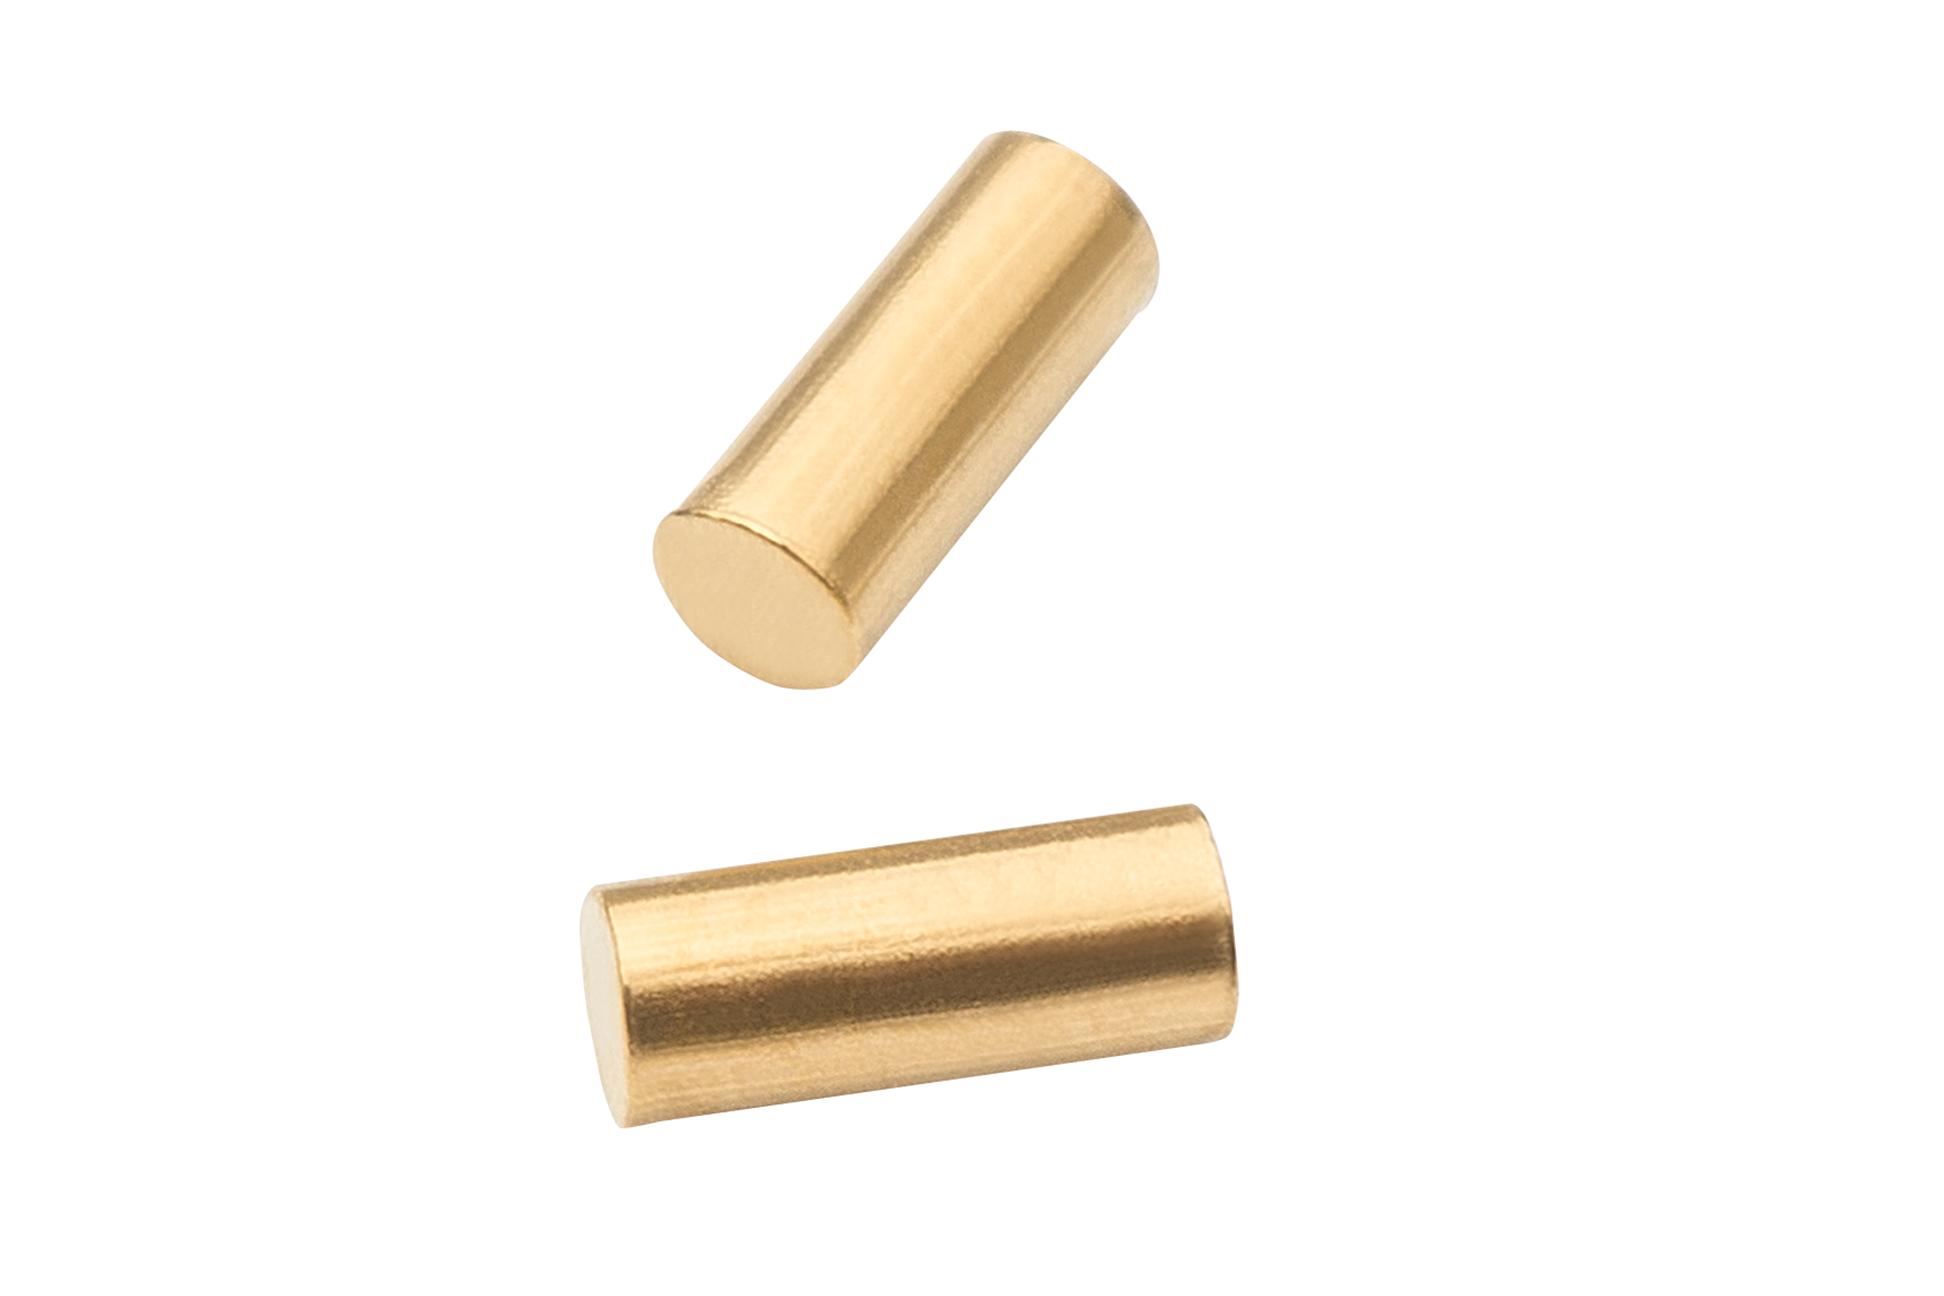 Bild5_Produkte_Goldmarker-glatt-3mm